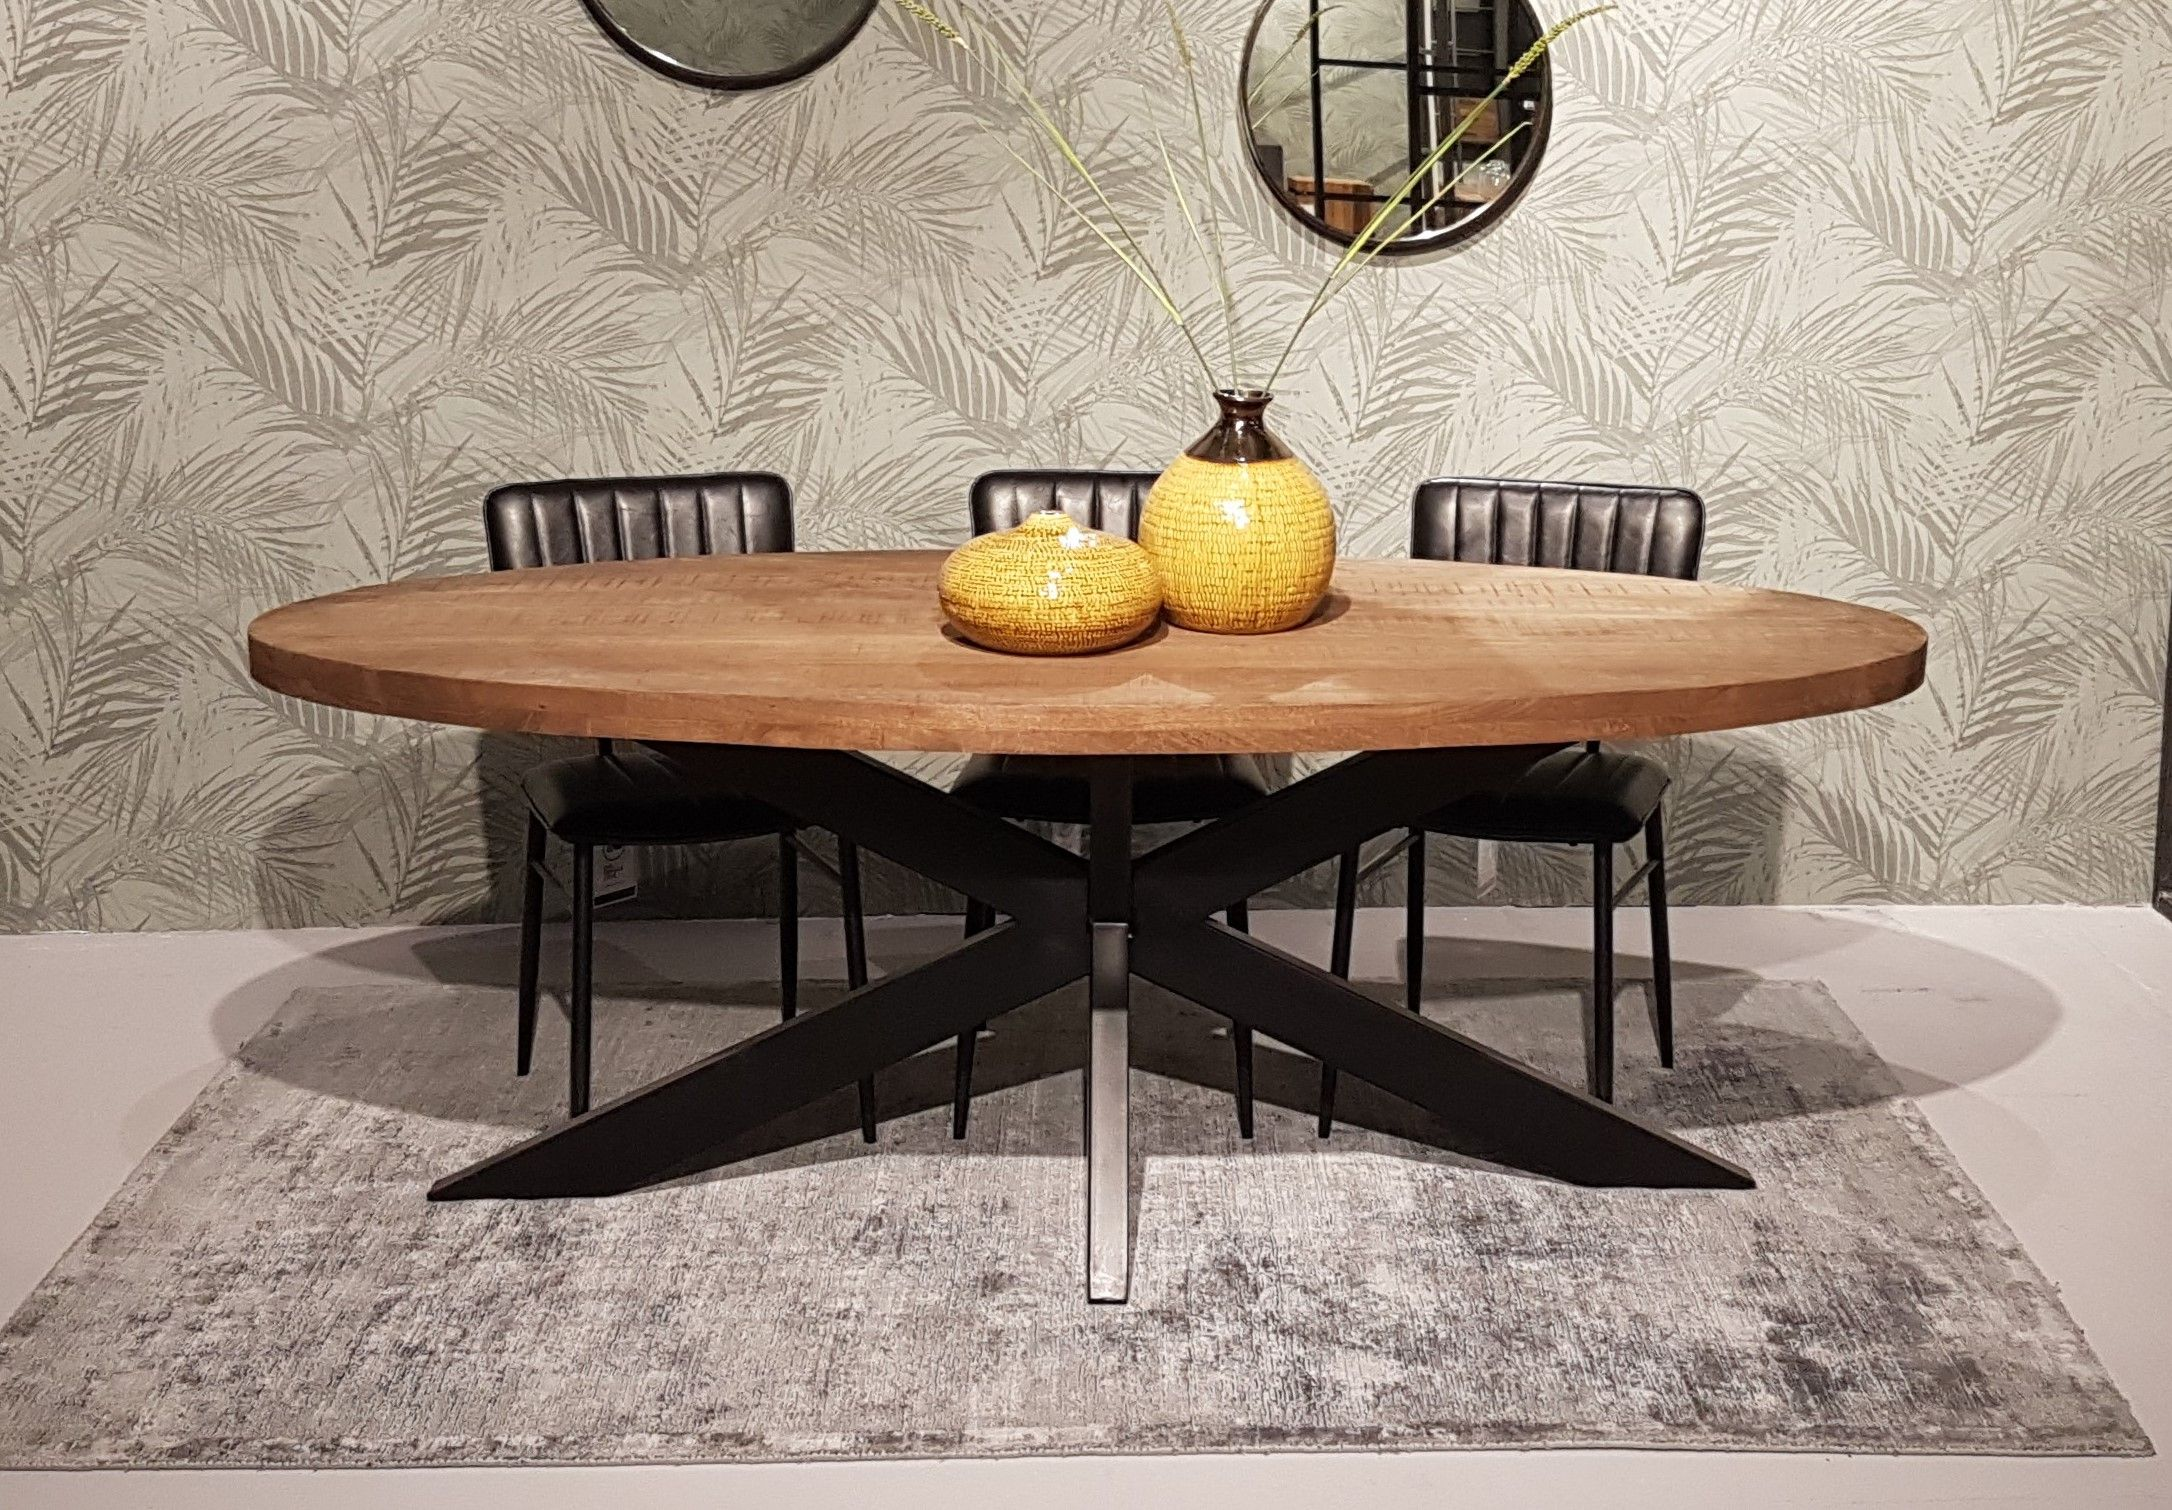 Full Size of Esstisch Sturdy Oval 210 100 Cm Mangoholz Dinnertisch Tisch Beton Massivholz Ausziehbar Esstische Holz Runder Set Günstig Deckenlampe Nussbaum Kleiner Weiß Esstische Ovaler Esstisch